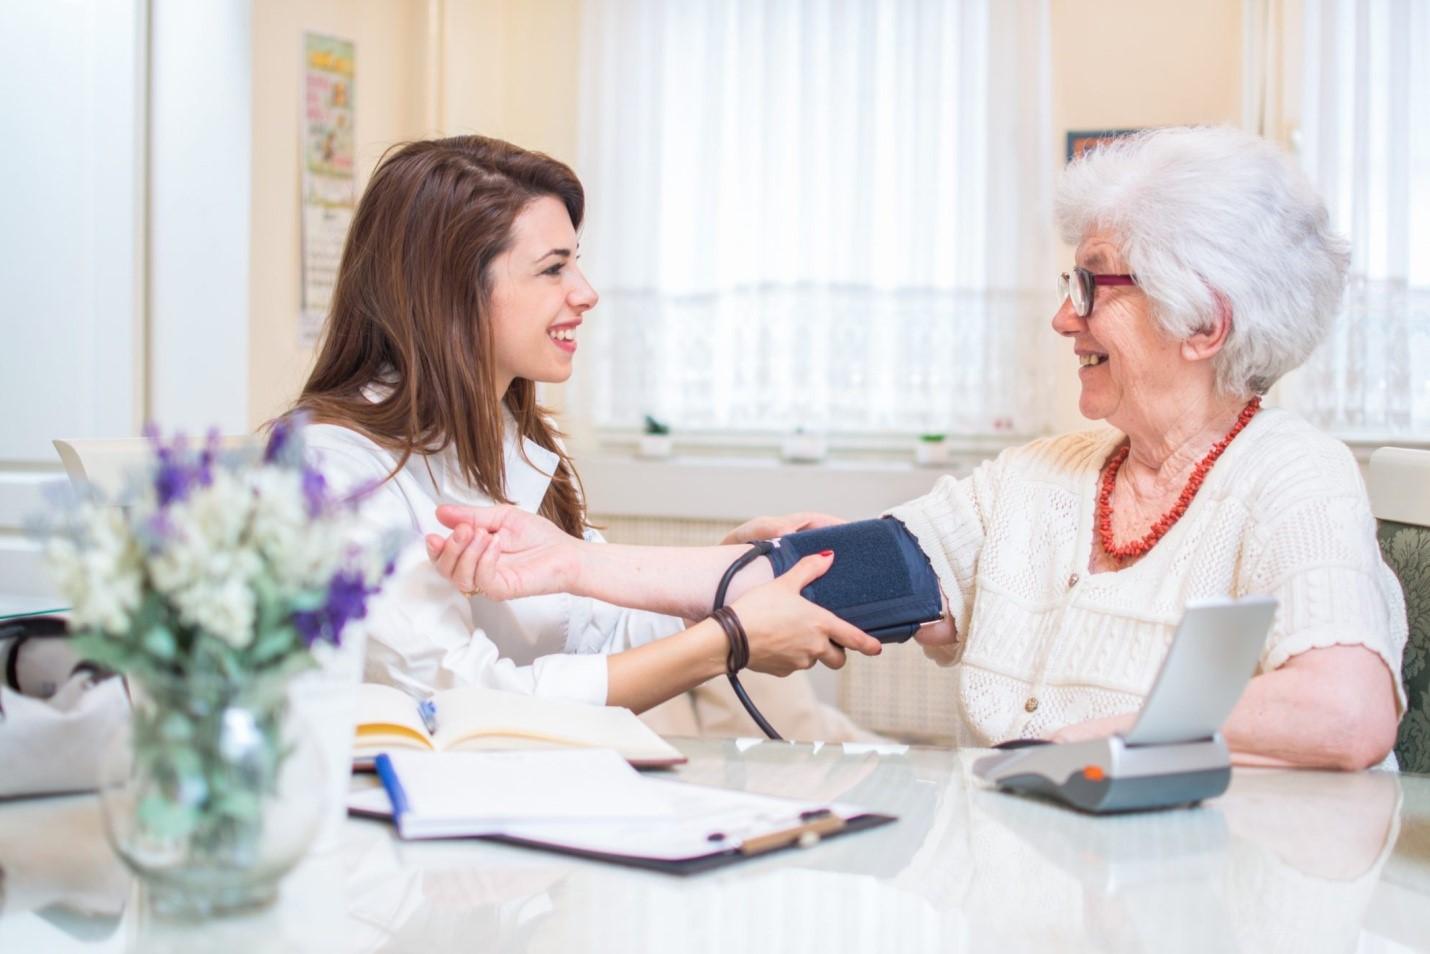 •در هنگام ویزیت پزشک در منزل بیمار چه نکاتی را باید رعایت کند؟